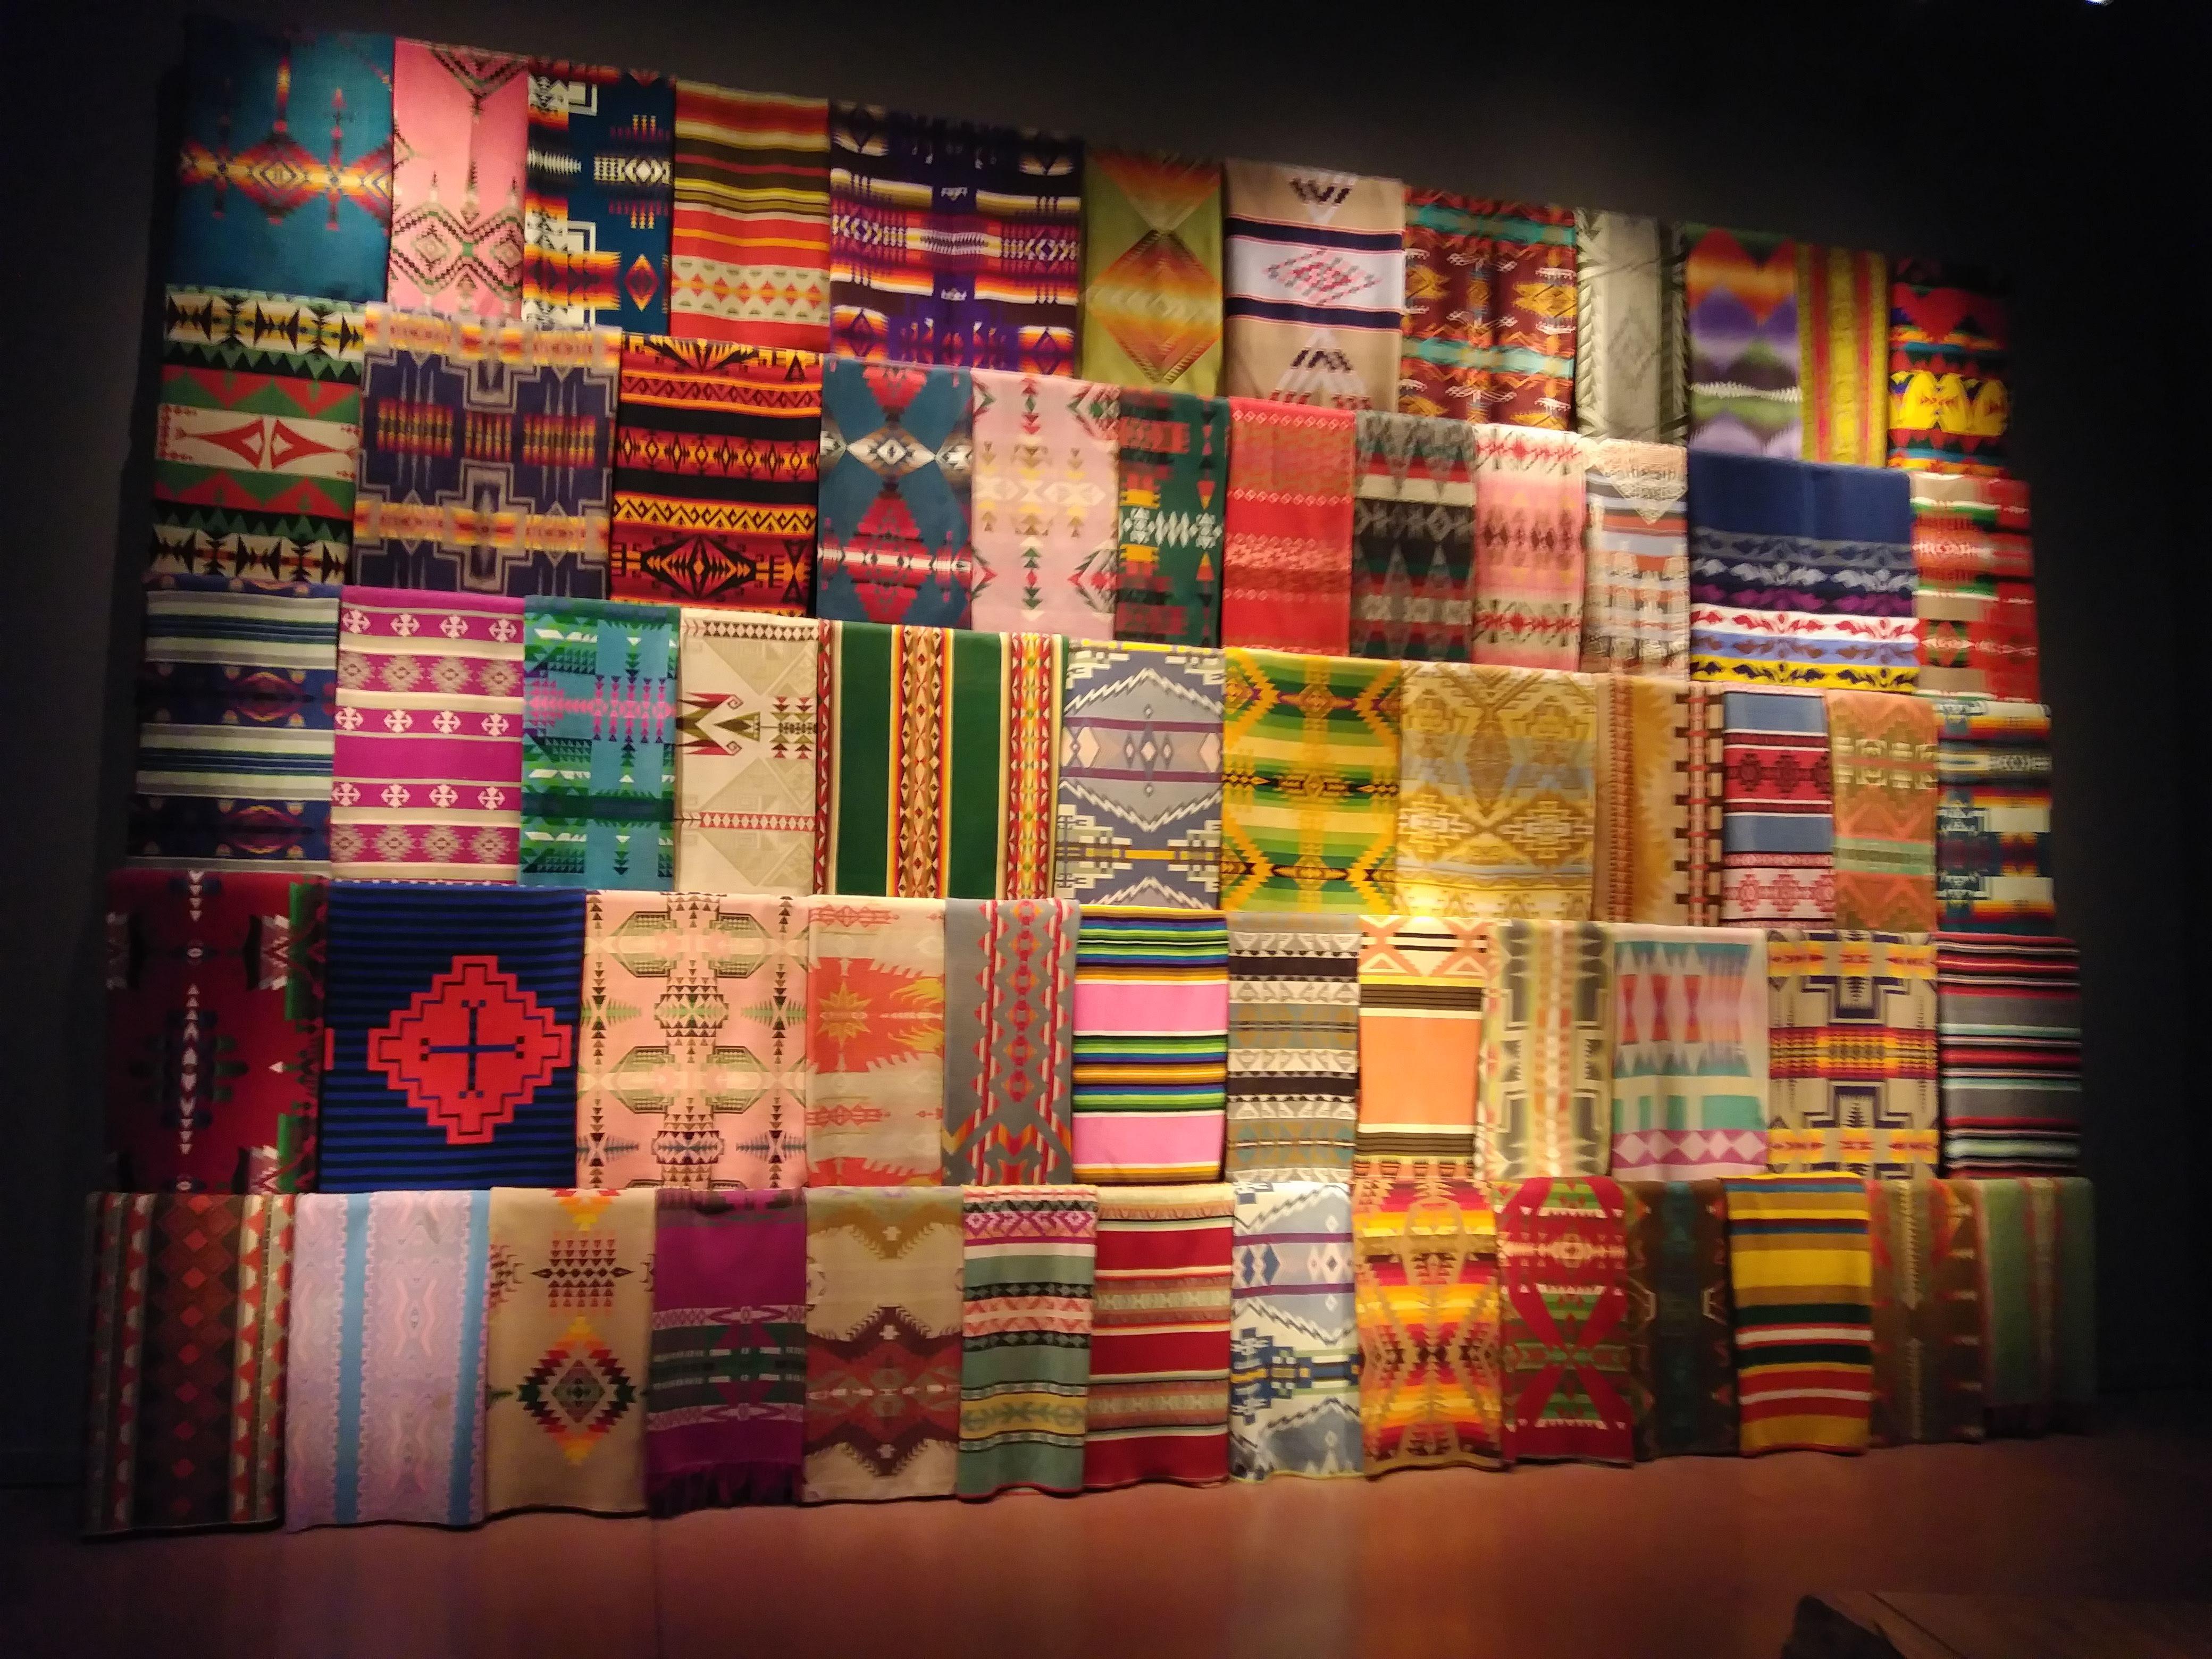 印第安人納瓦霍族 (Navajo) 的毛毯